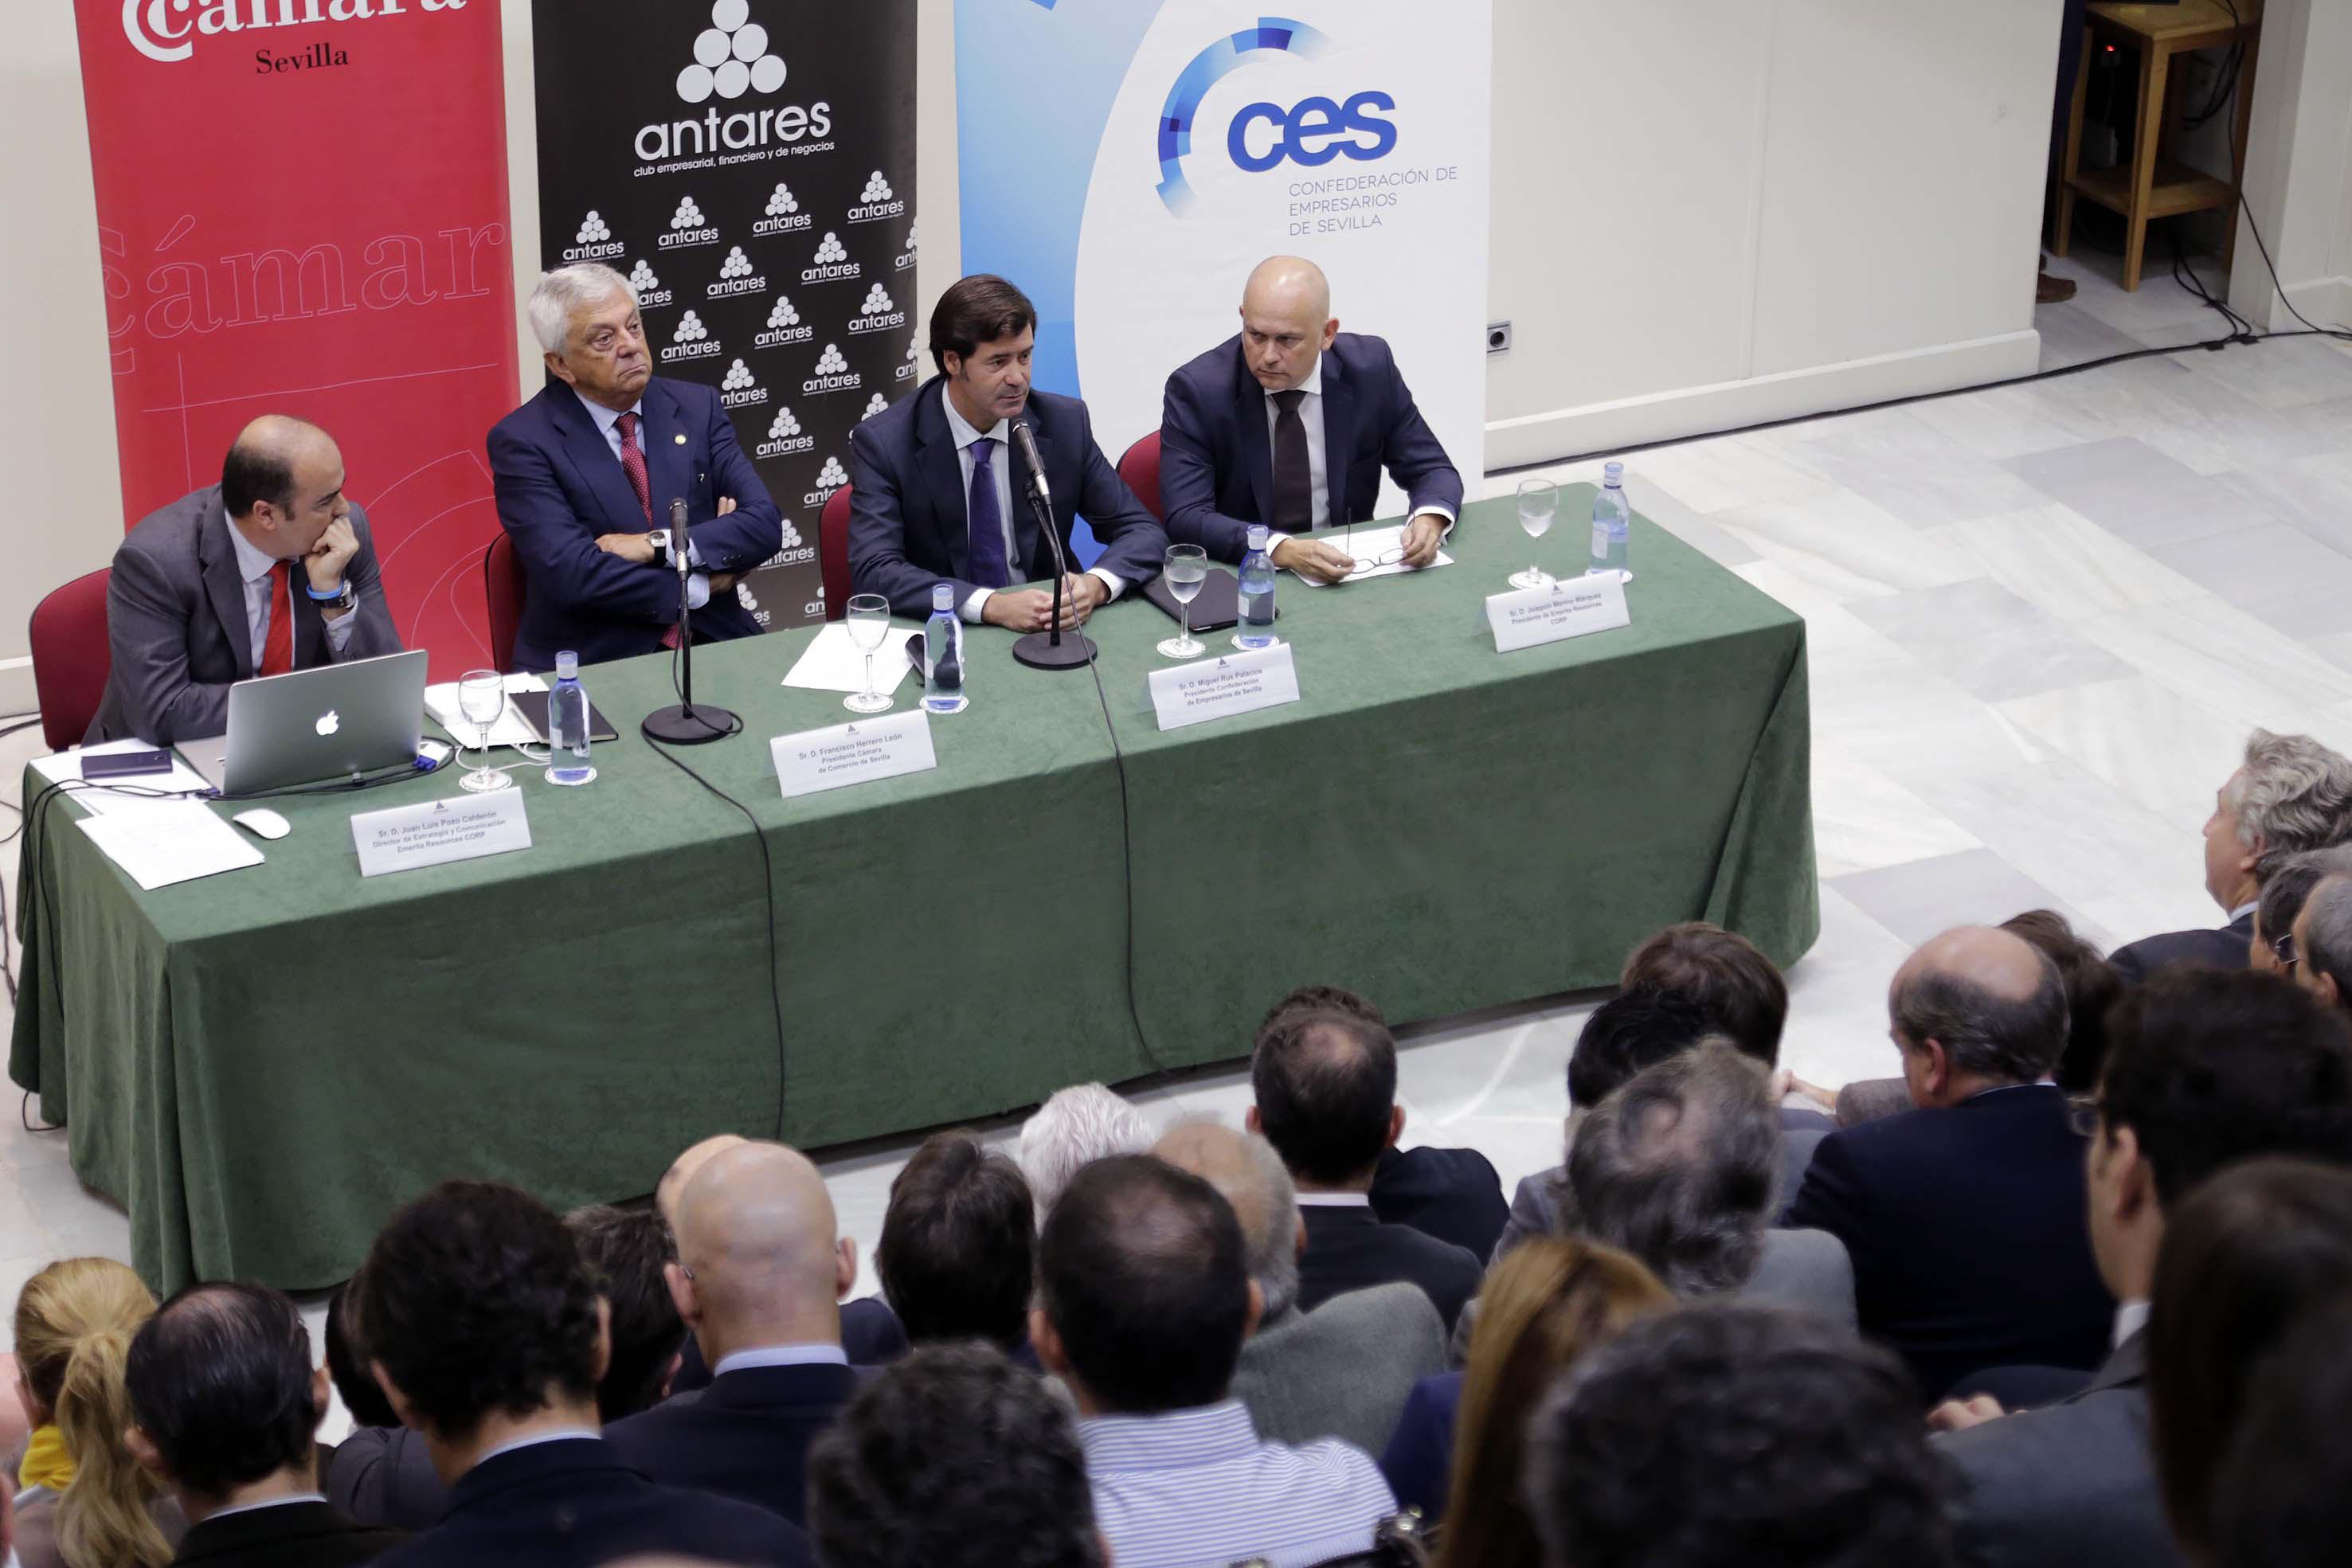 Juan Luis Pozo, Francisco Herrero, Miguel Rus y Joaquín Merino, en el club Antares. / José Luis Montero